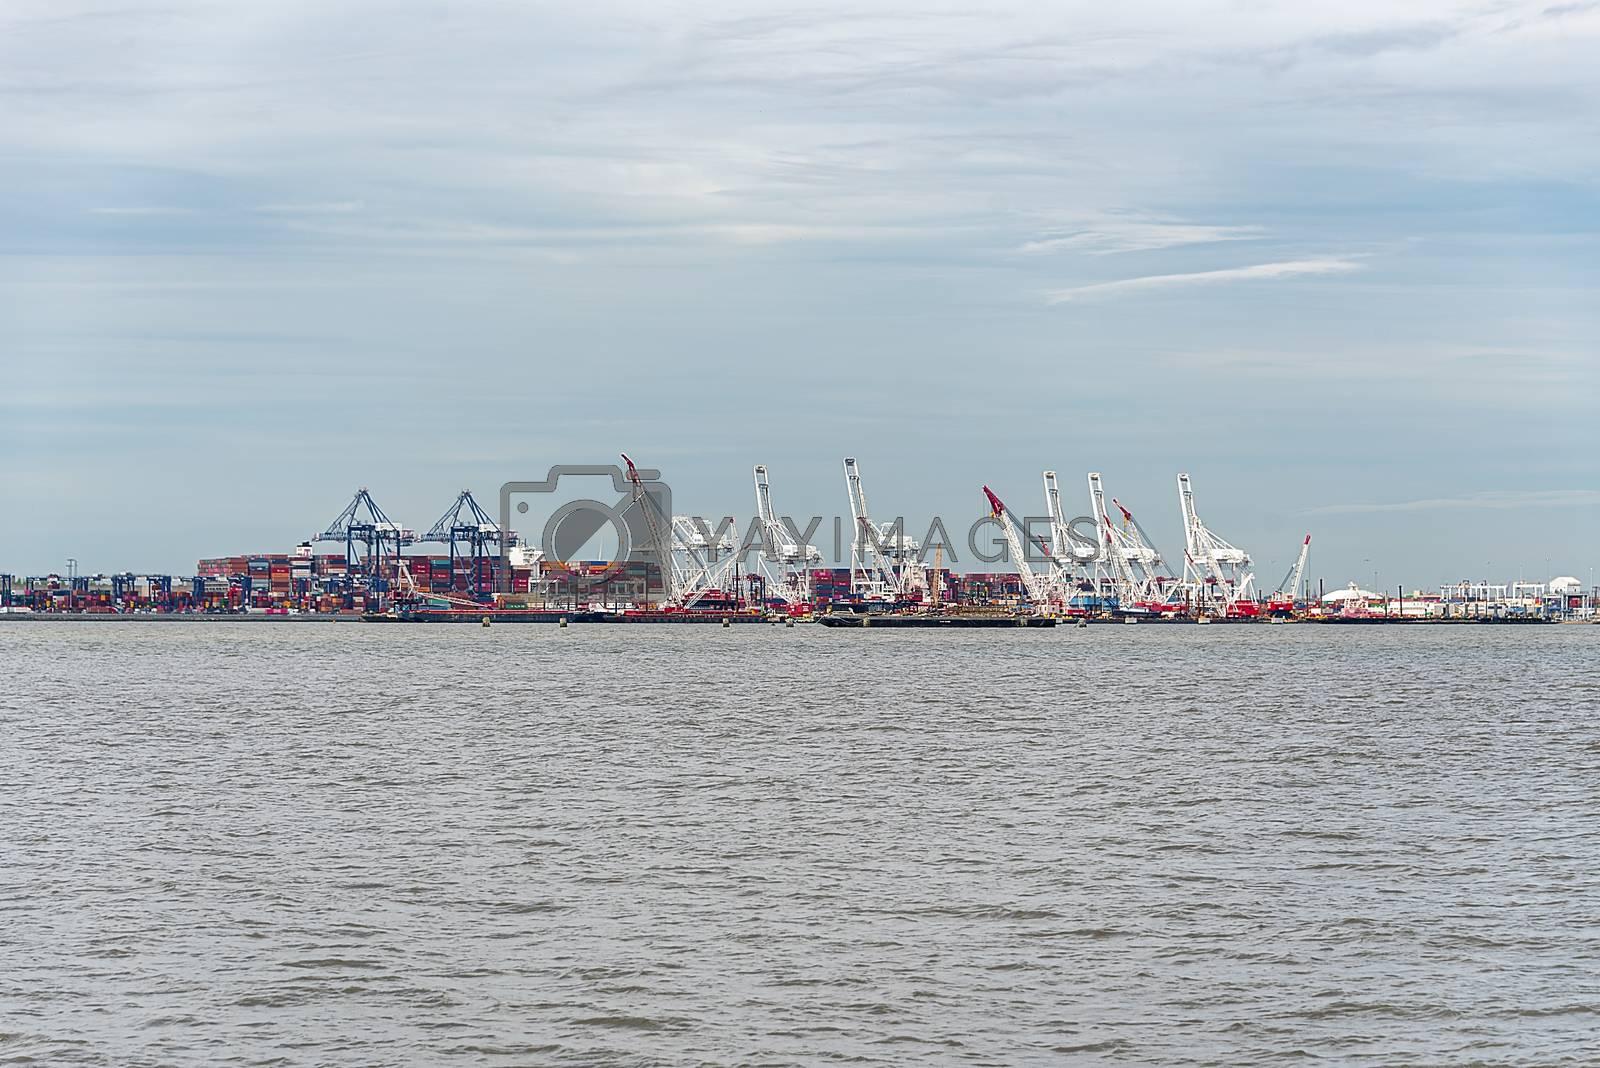 USA, New York - May 2019: NY Shipyards